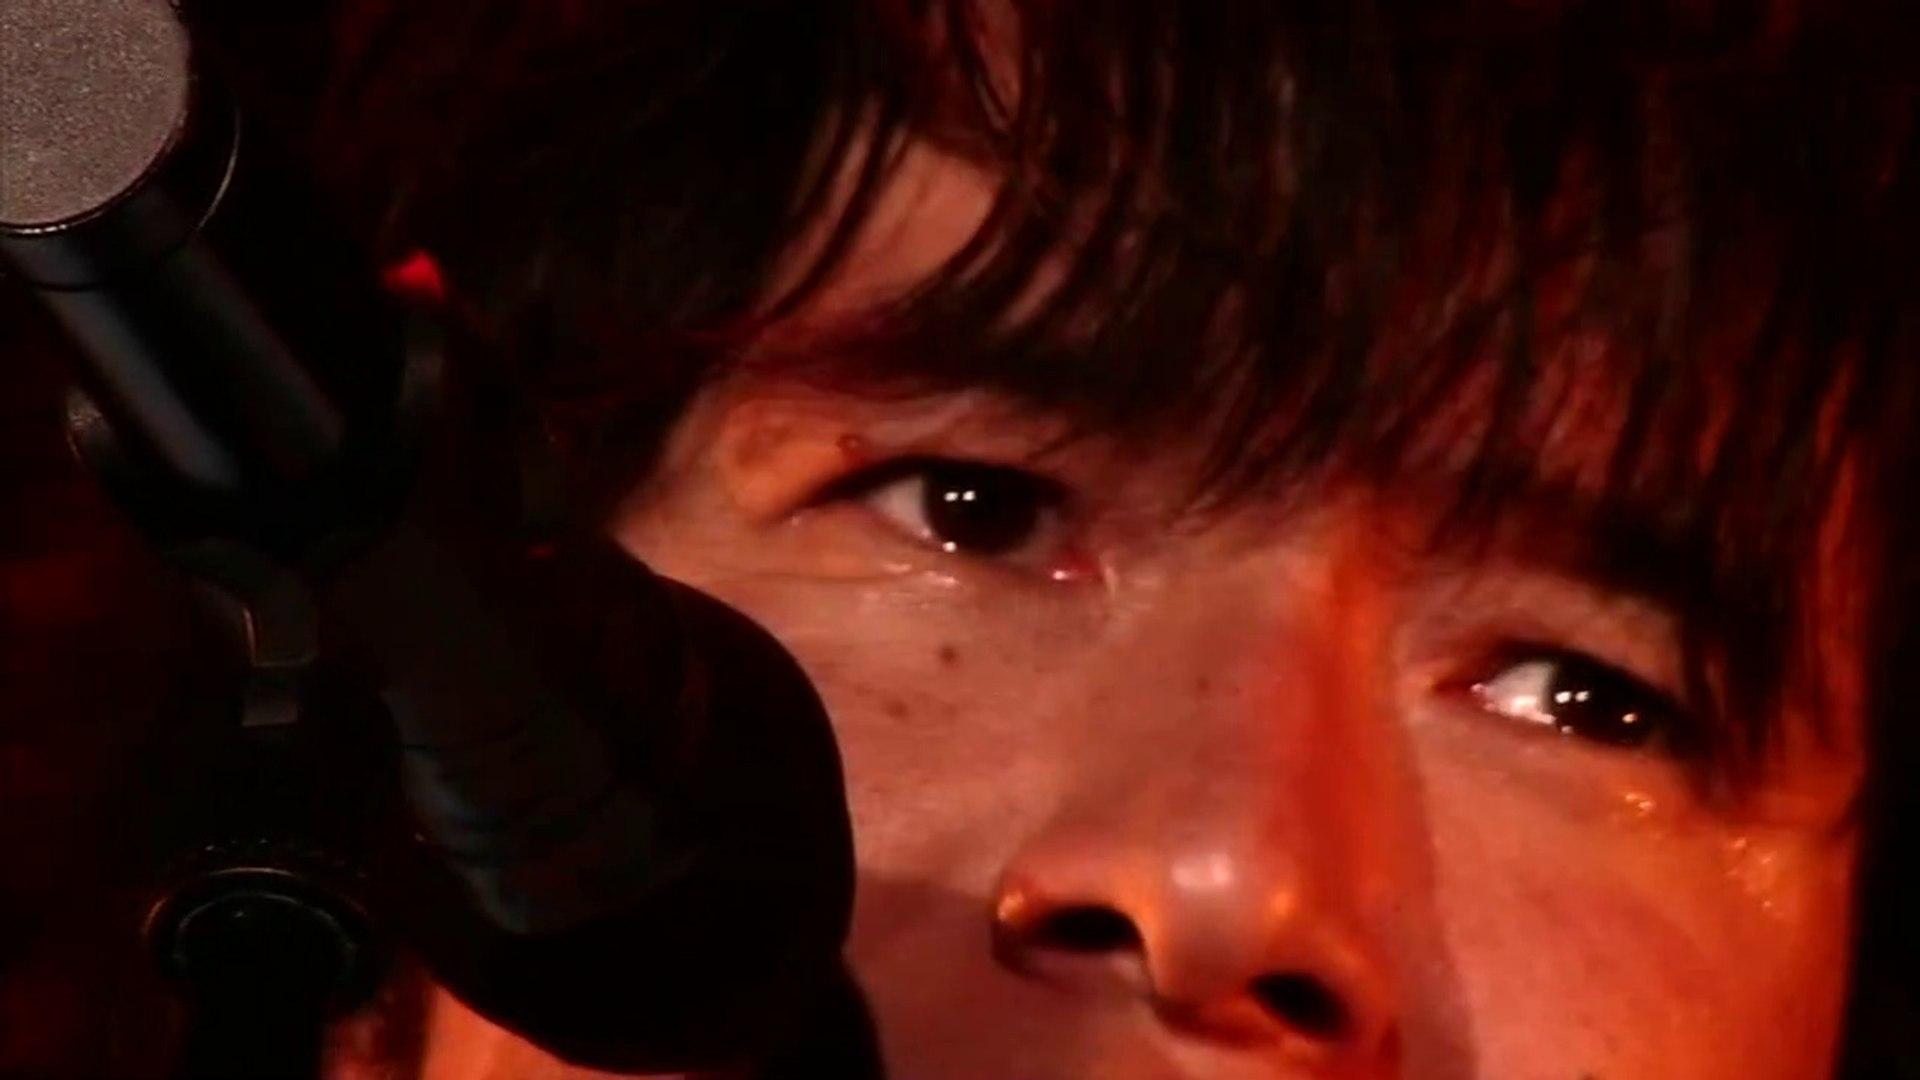 桜井さん、ちょっと涙。。。[2004年、夏の沖縄で] 1999年、夏、沖縄 (LIVE 2004/09/25) / Mr.Children ミスチル ミスター・チルドレン ミスターチルドレン